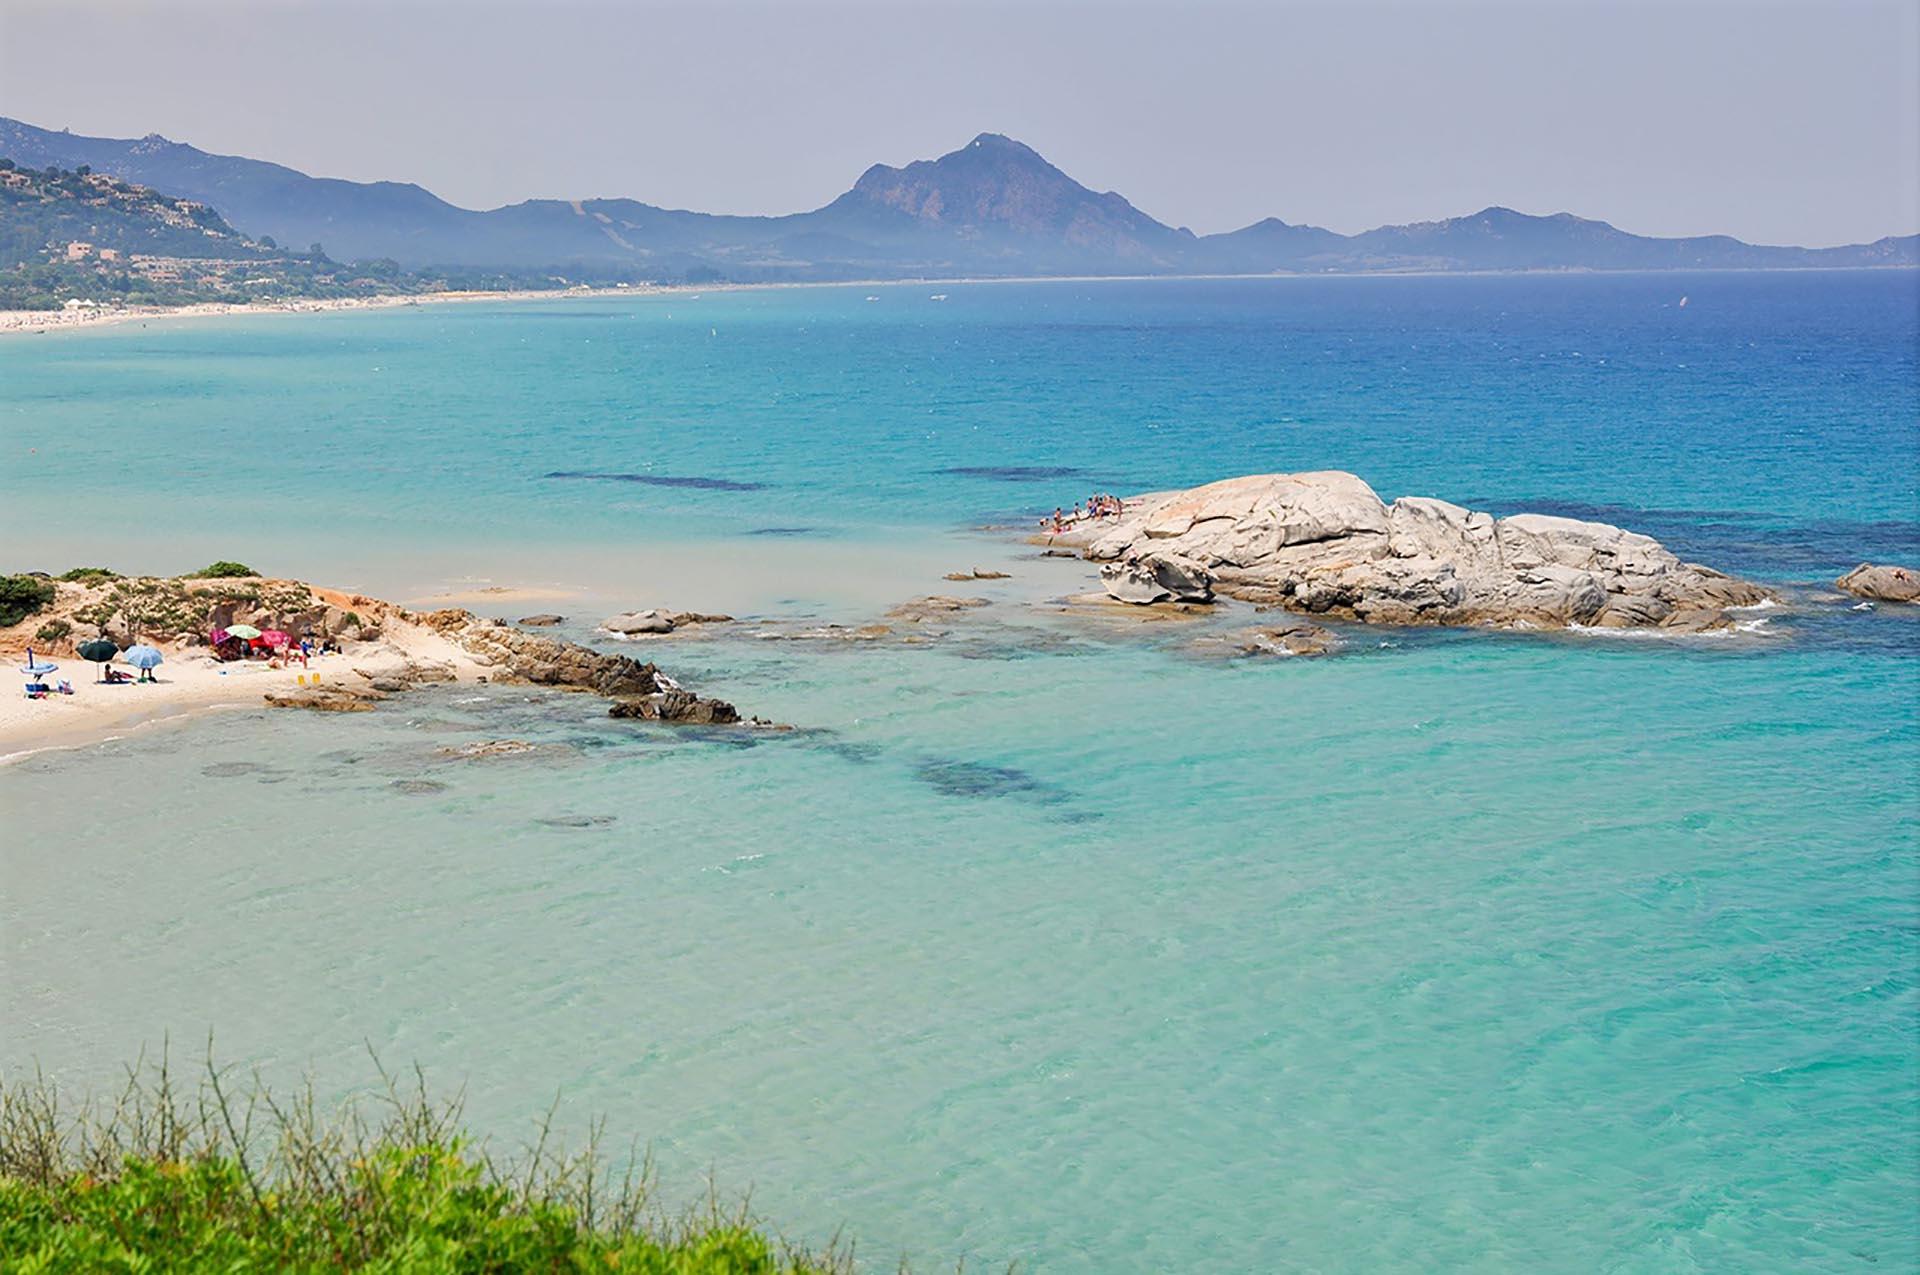 https://it.fotolia.com/p/201257913 Spiaggia di Santa Giusta – Scoglio di Peppino